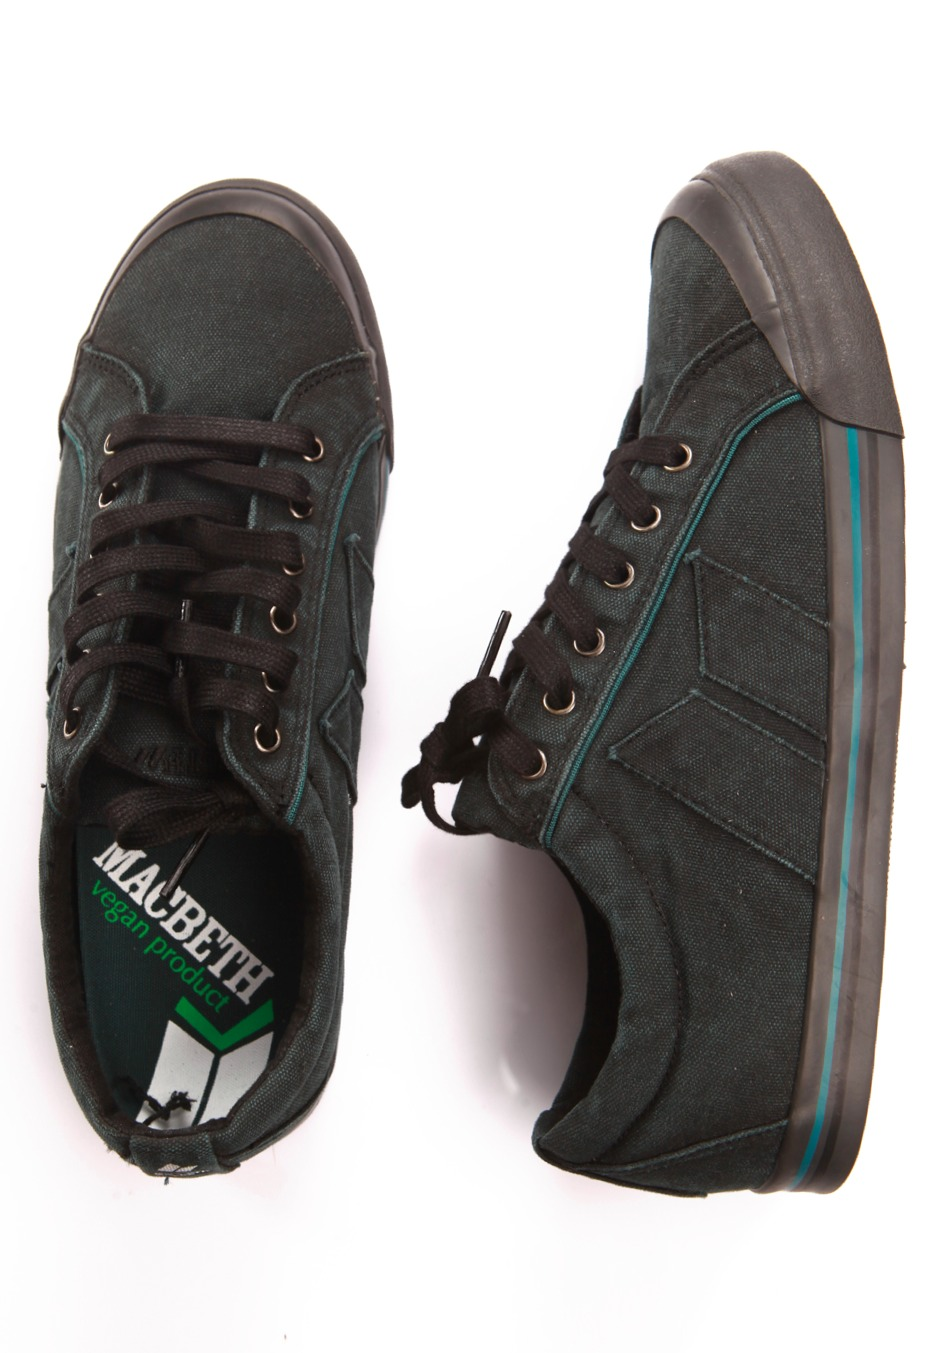 Macbeth - Eliot Premium Black/Marine - Shoes - Impericon ...